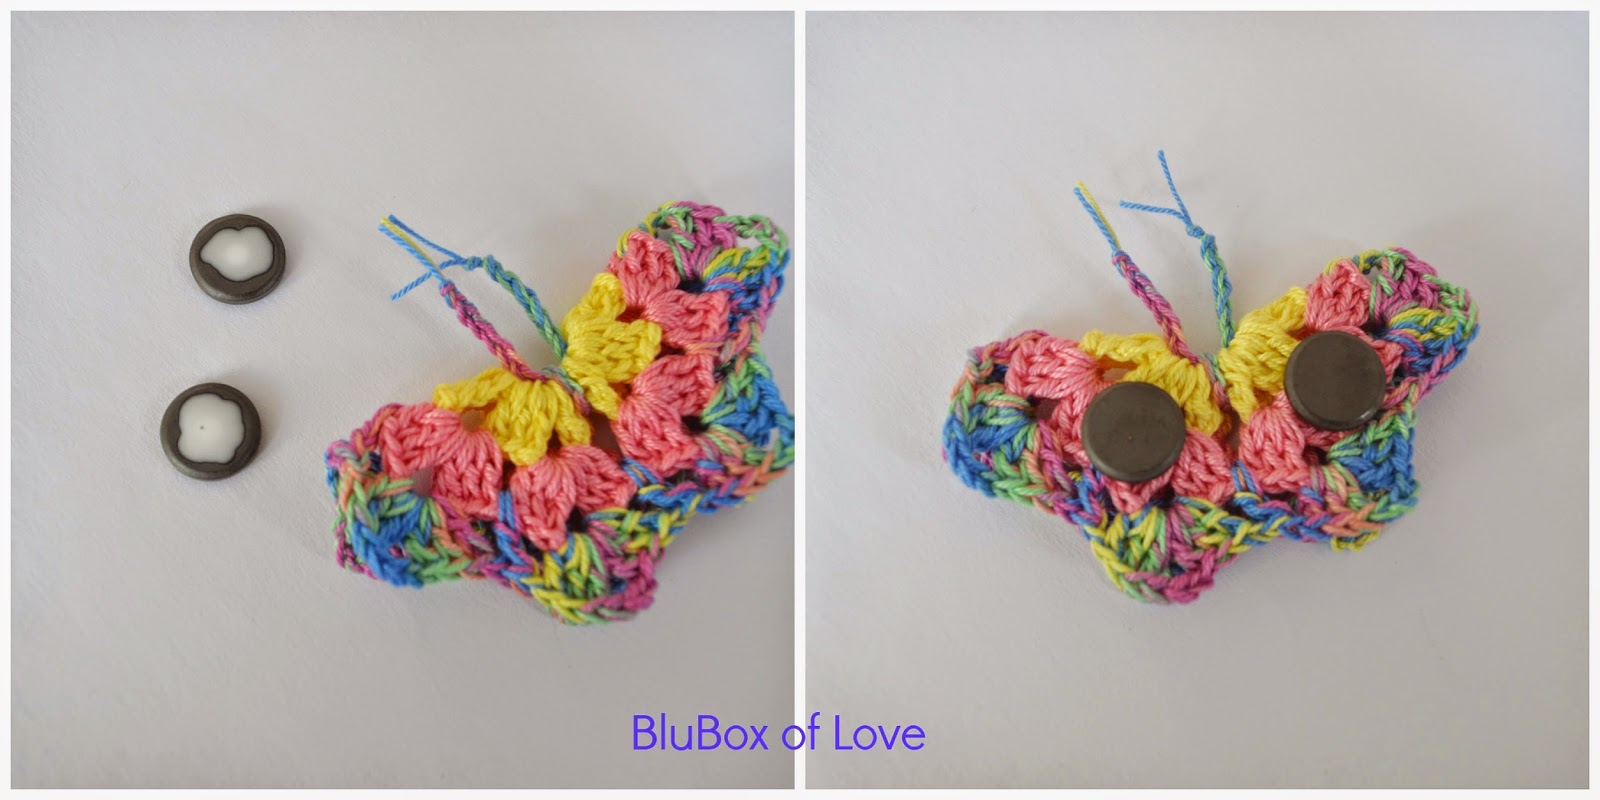 http://bluboxoflove.blogspot.com